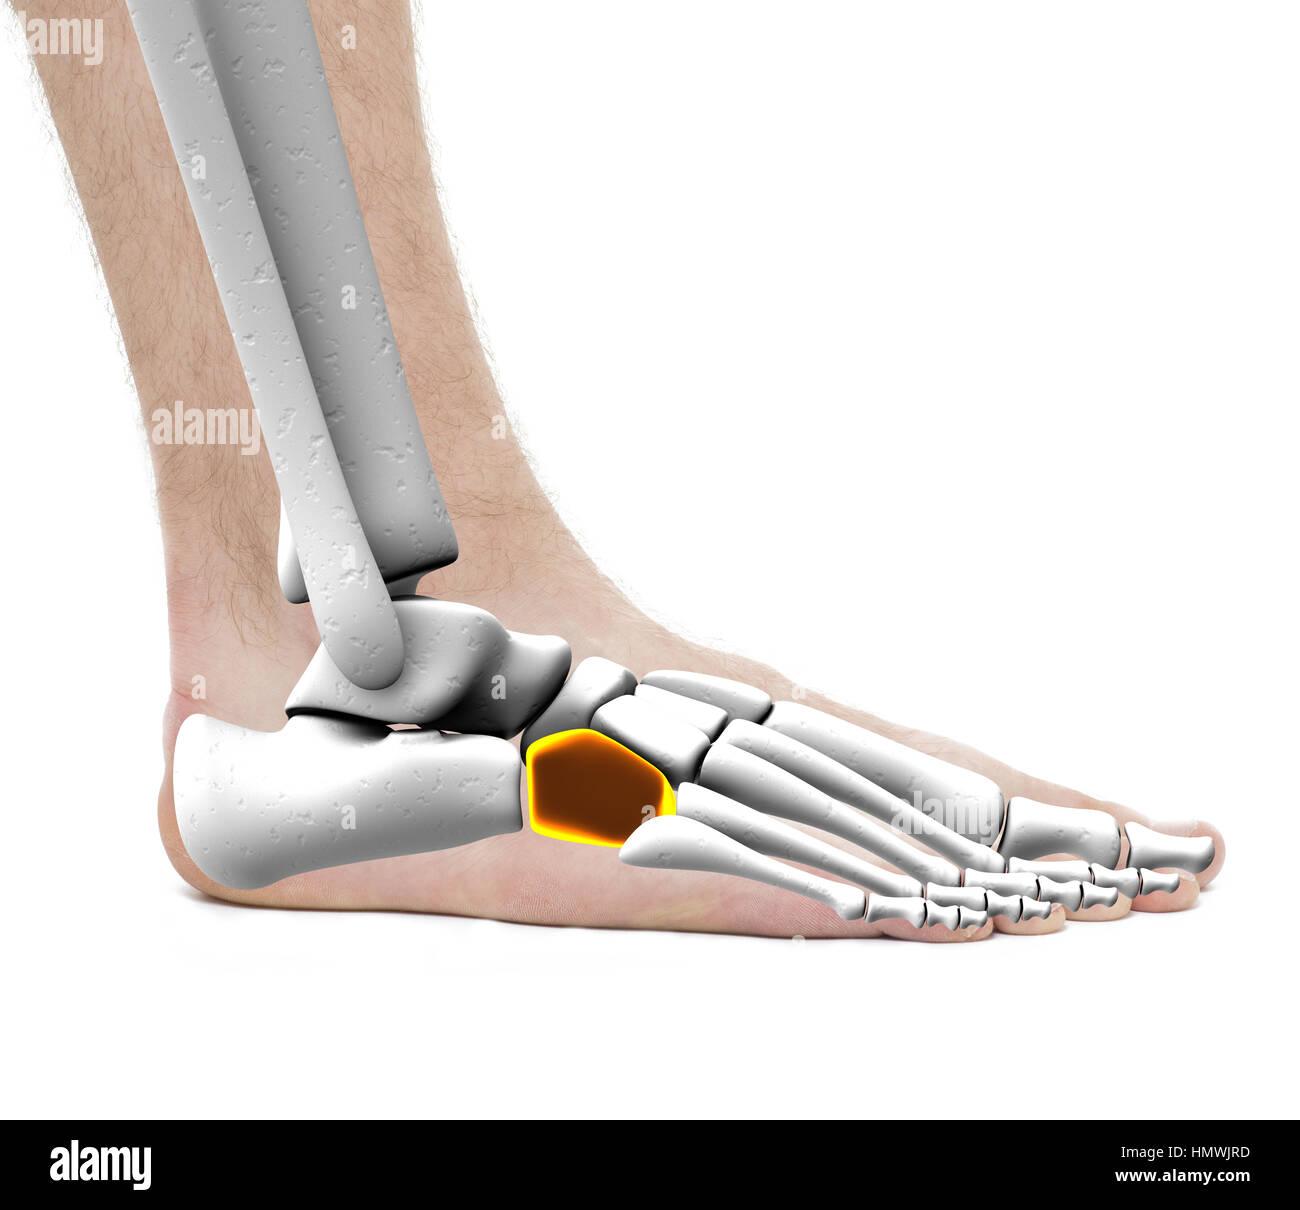 Cuboid Bone Stockfotos & Cuboid Bone Bilder - Alamy